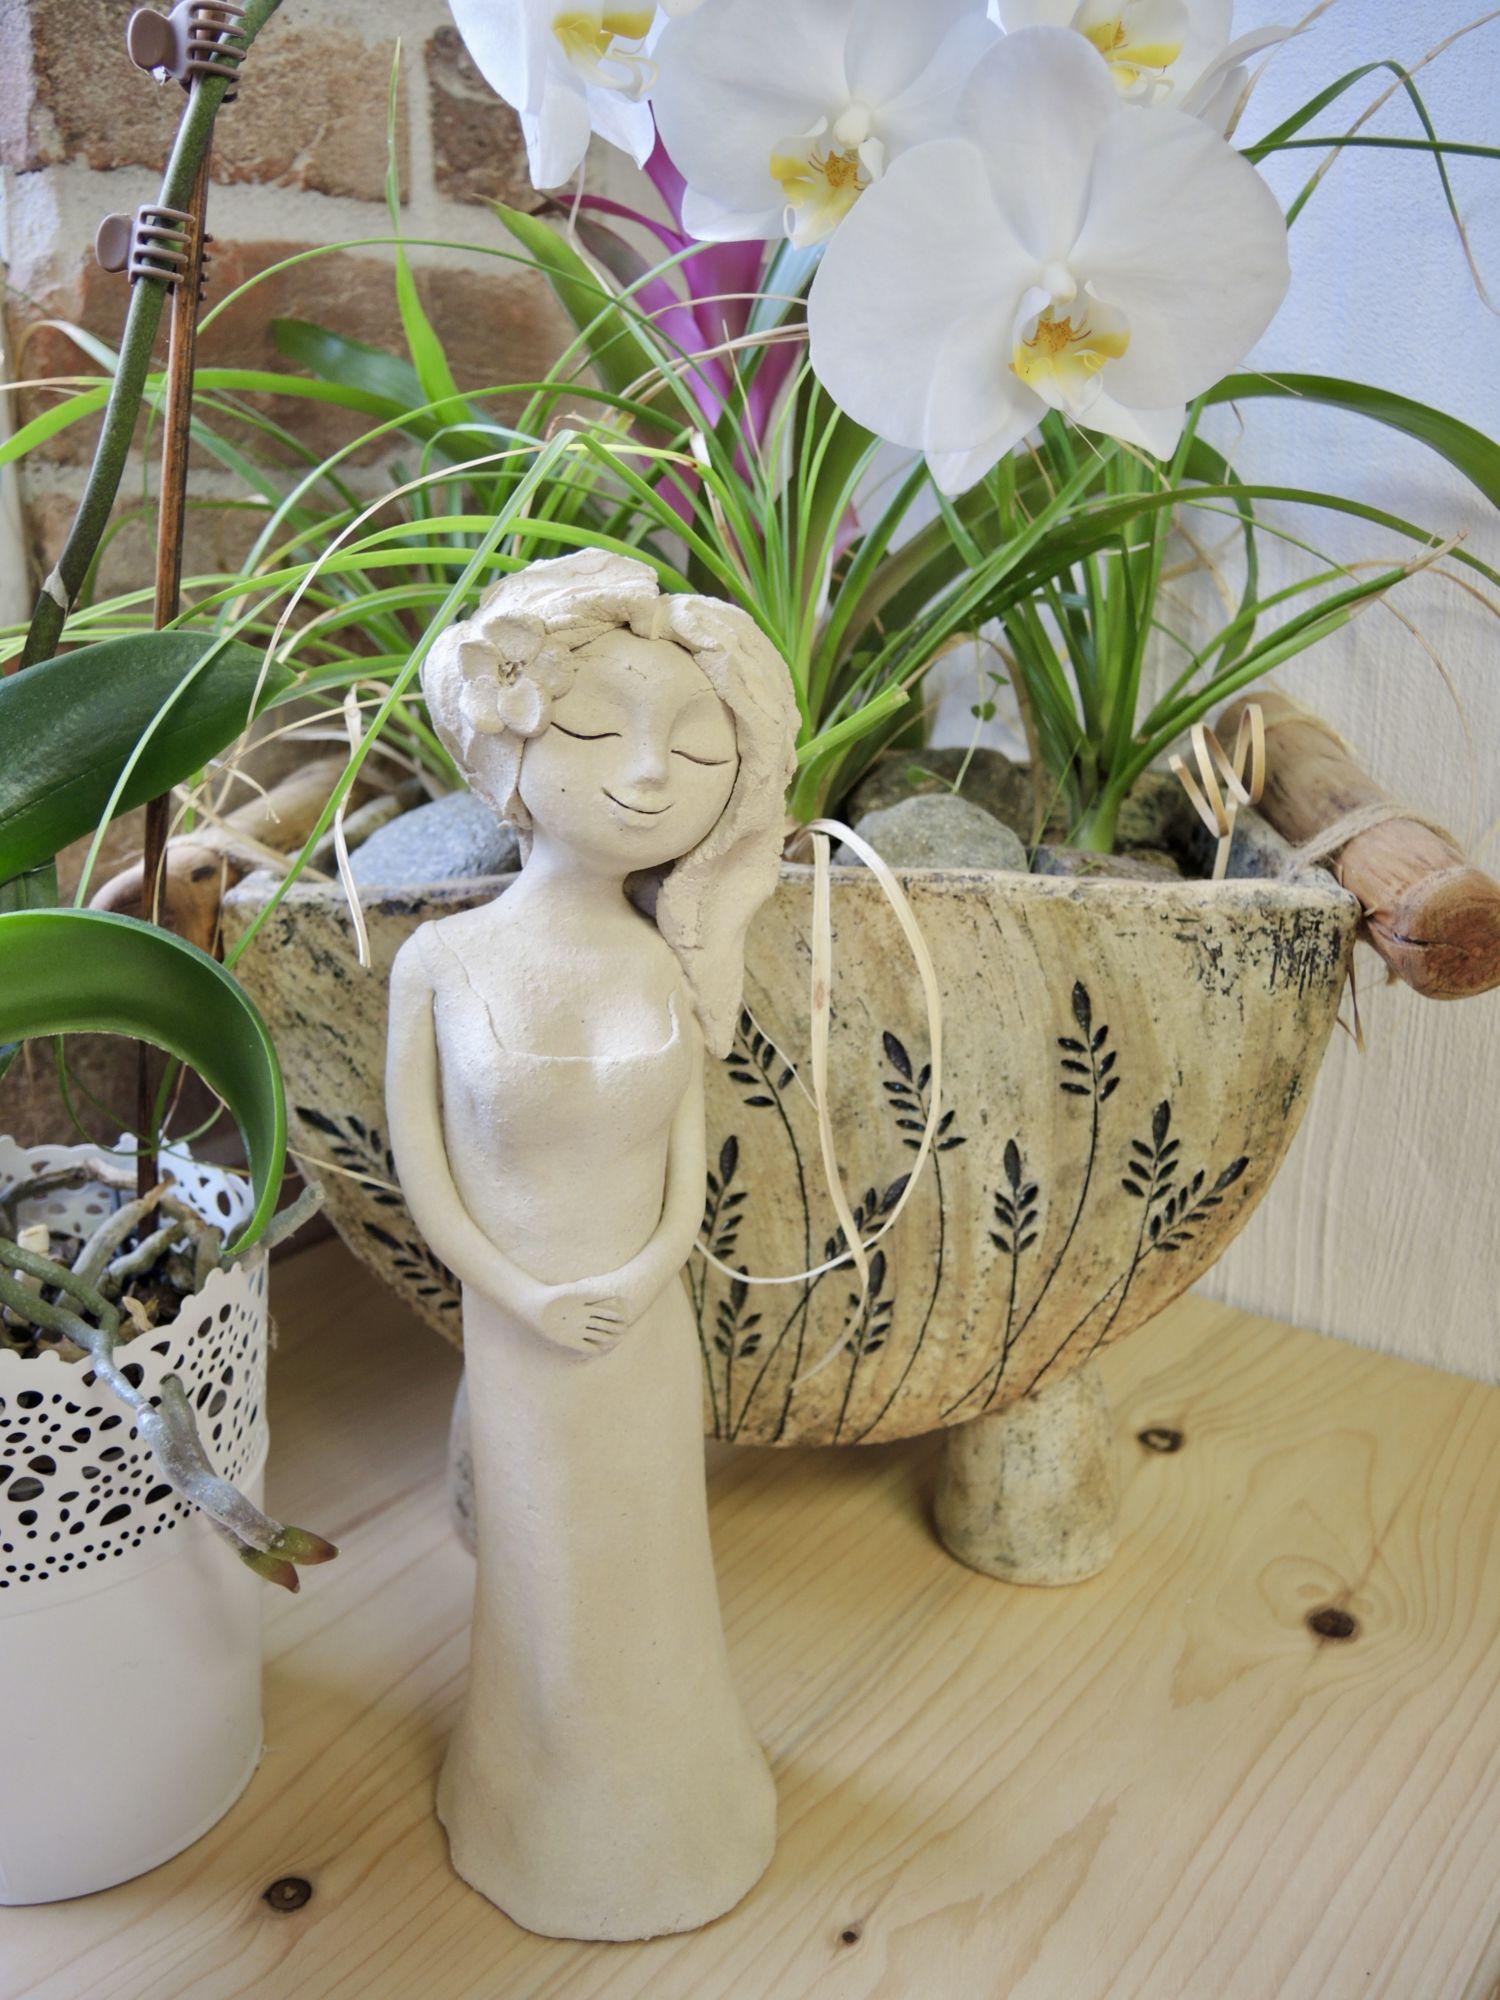 víla figura dekorace soška keramika domov keramikaandee květ